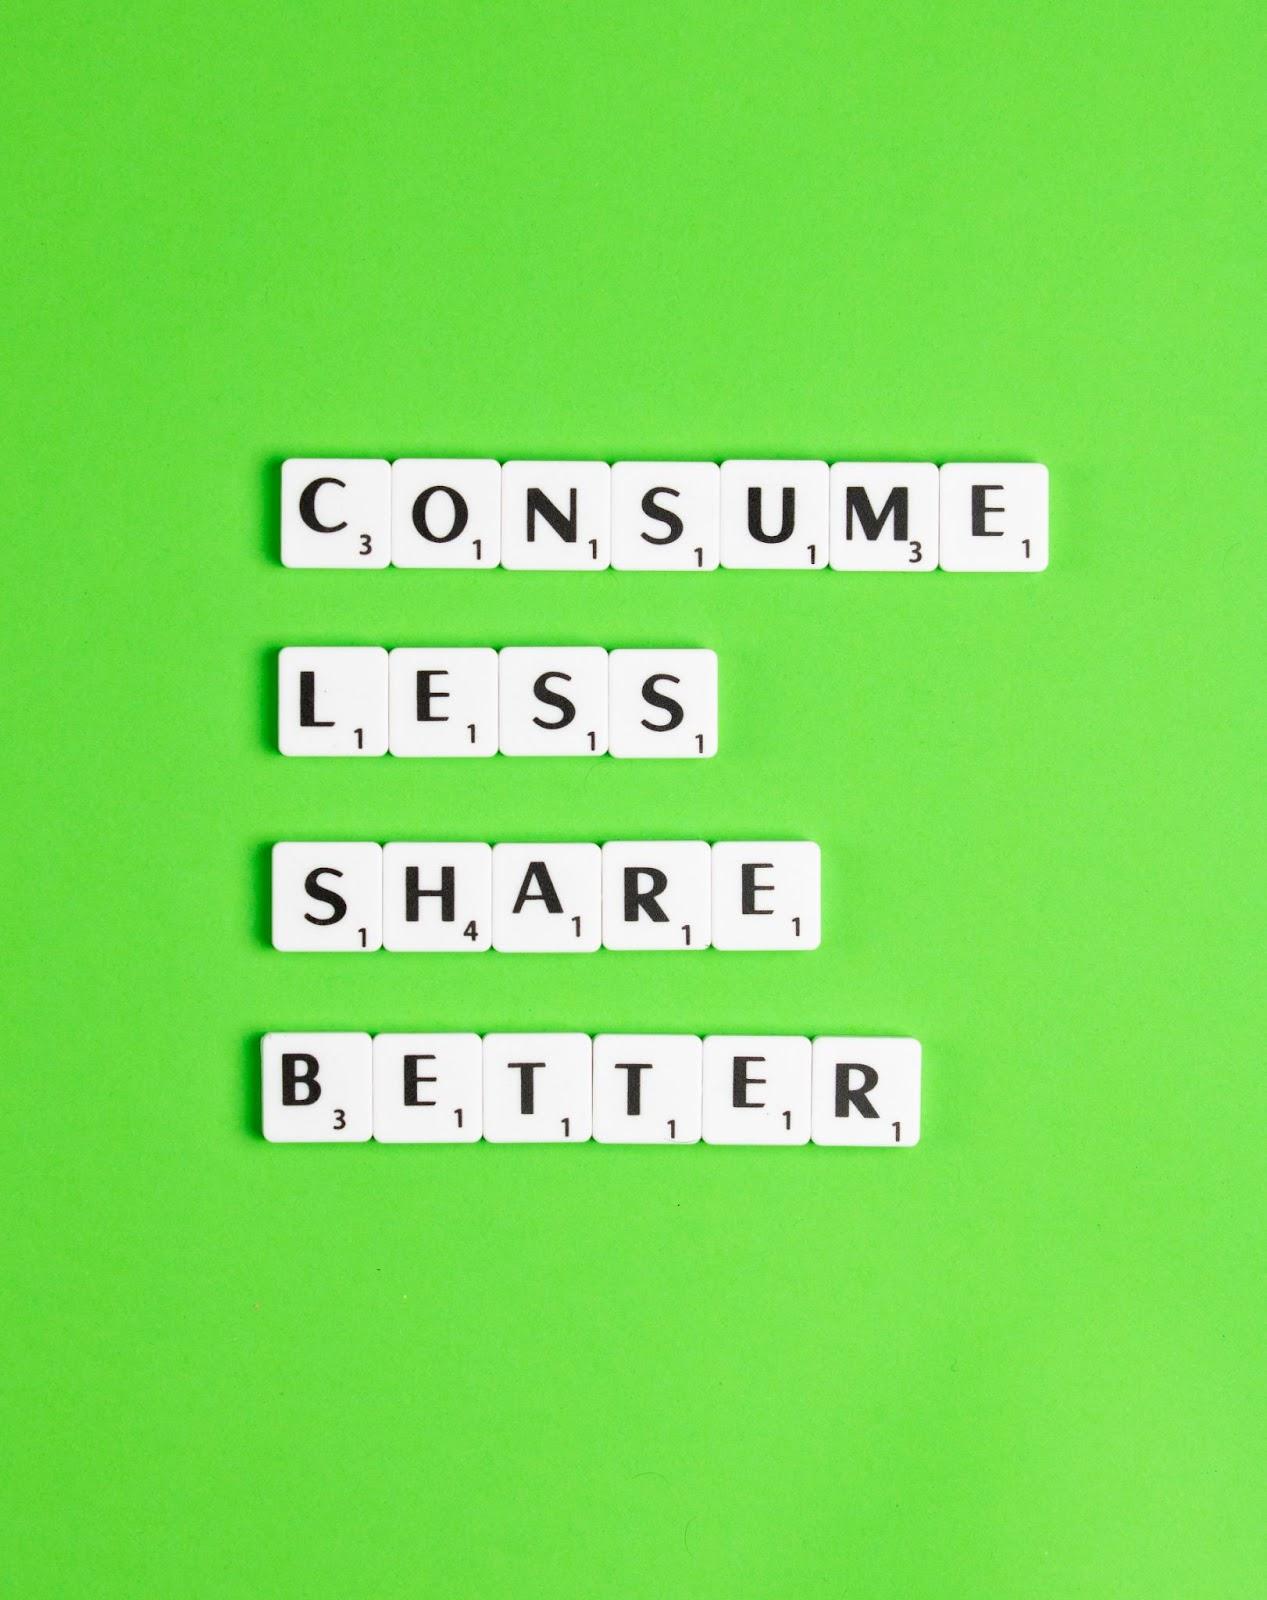 Consuma meno, condividi di più